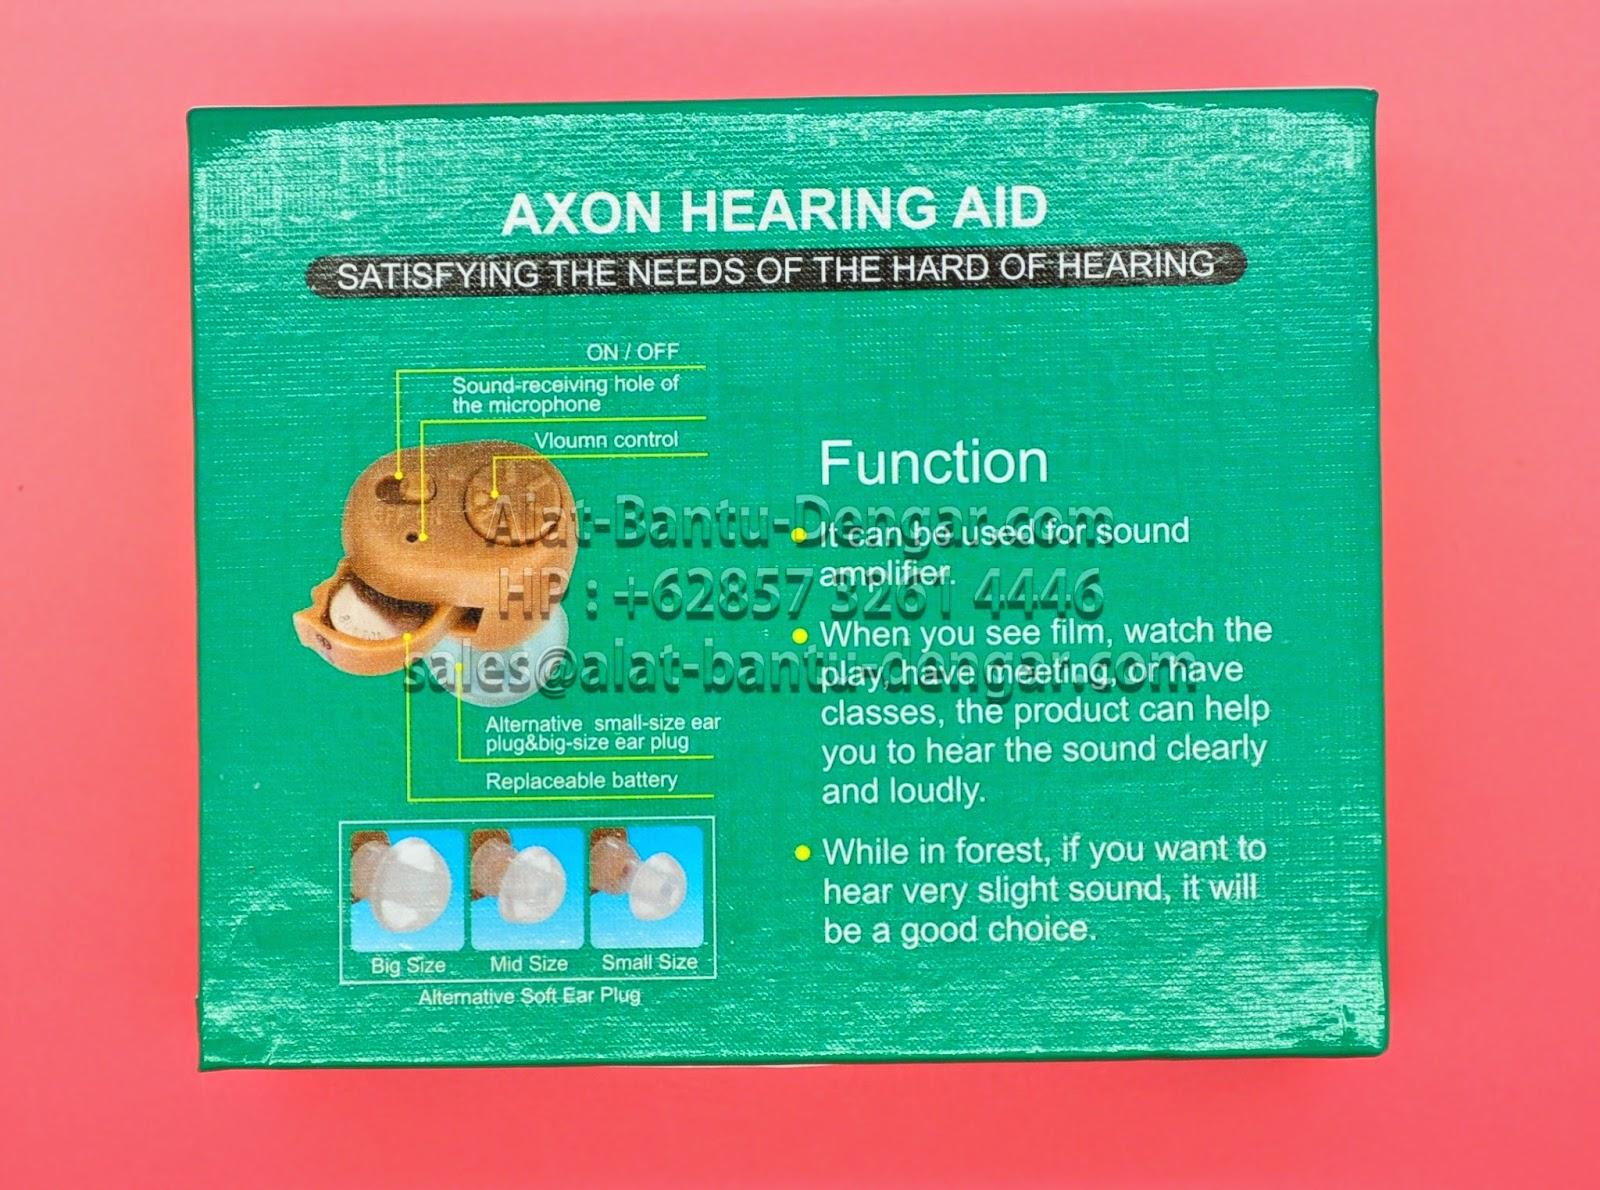 Alat Bantu Dengarcom Jual Dengar Murah Dan Berkualitas Mini Kecil Praktis Suara Pendengaran Jernih Hearing Aid Dibawah Ini Adalah Gambar Atau Galeri Tampilan Dari Yang Akan Anda Beli Yaitu Axon K 86